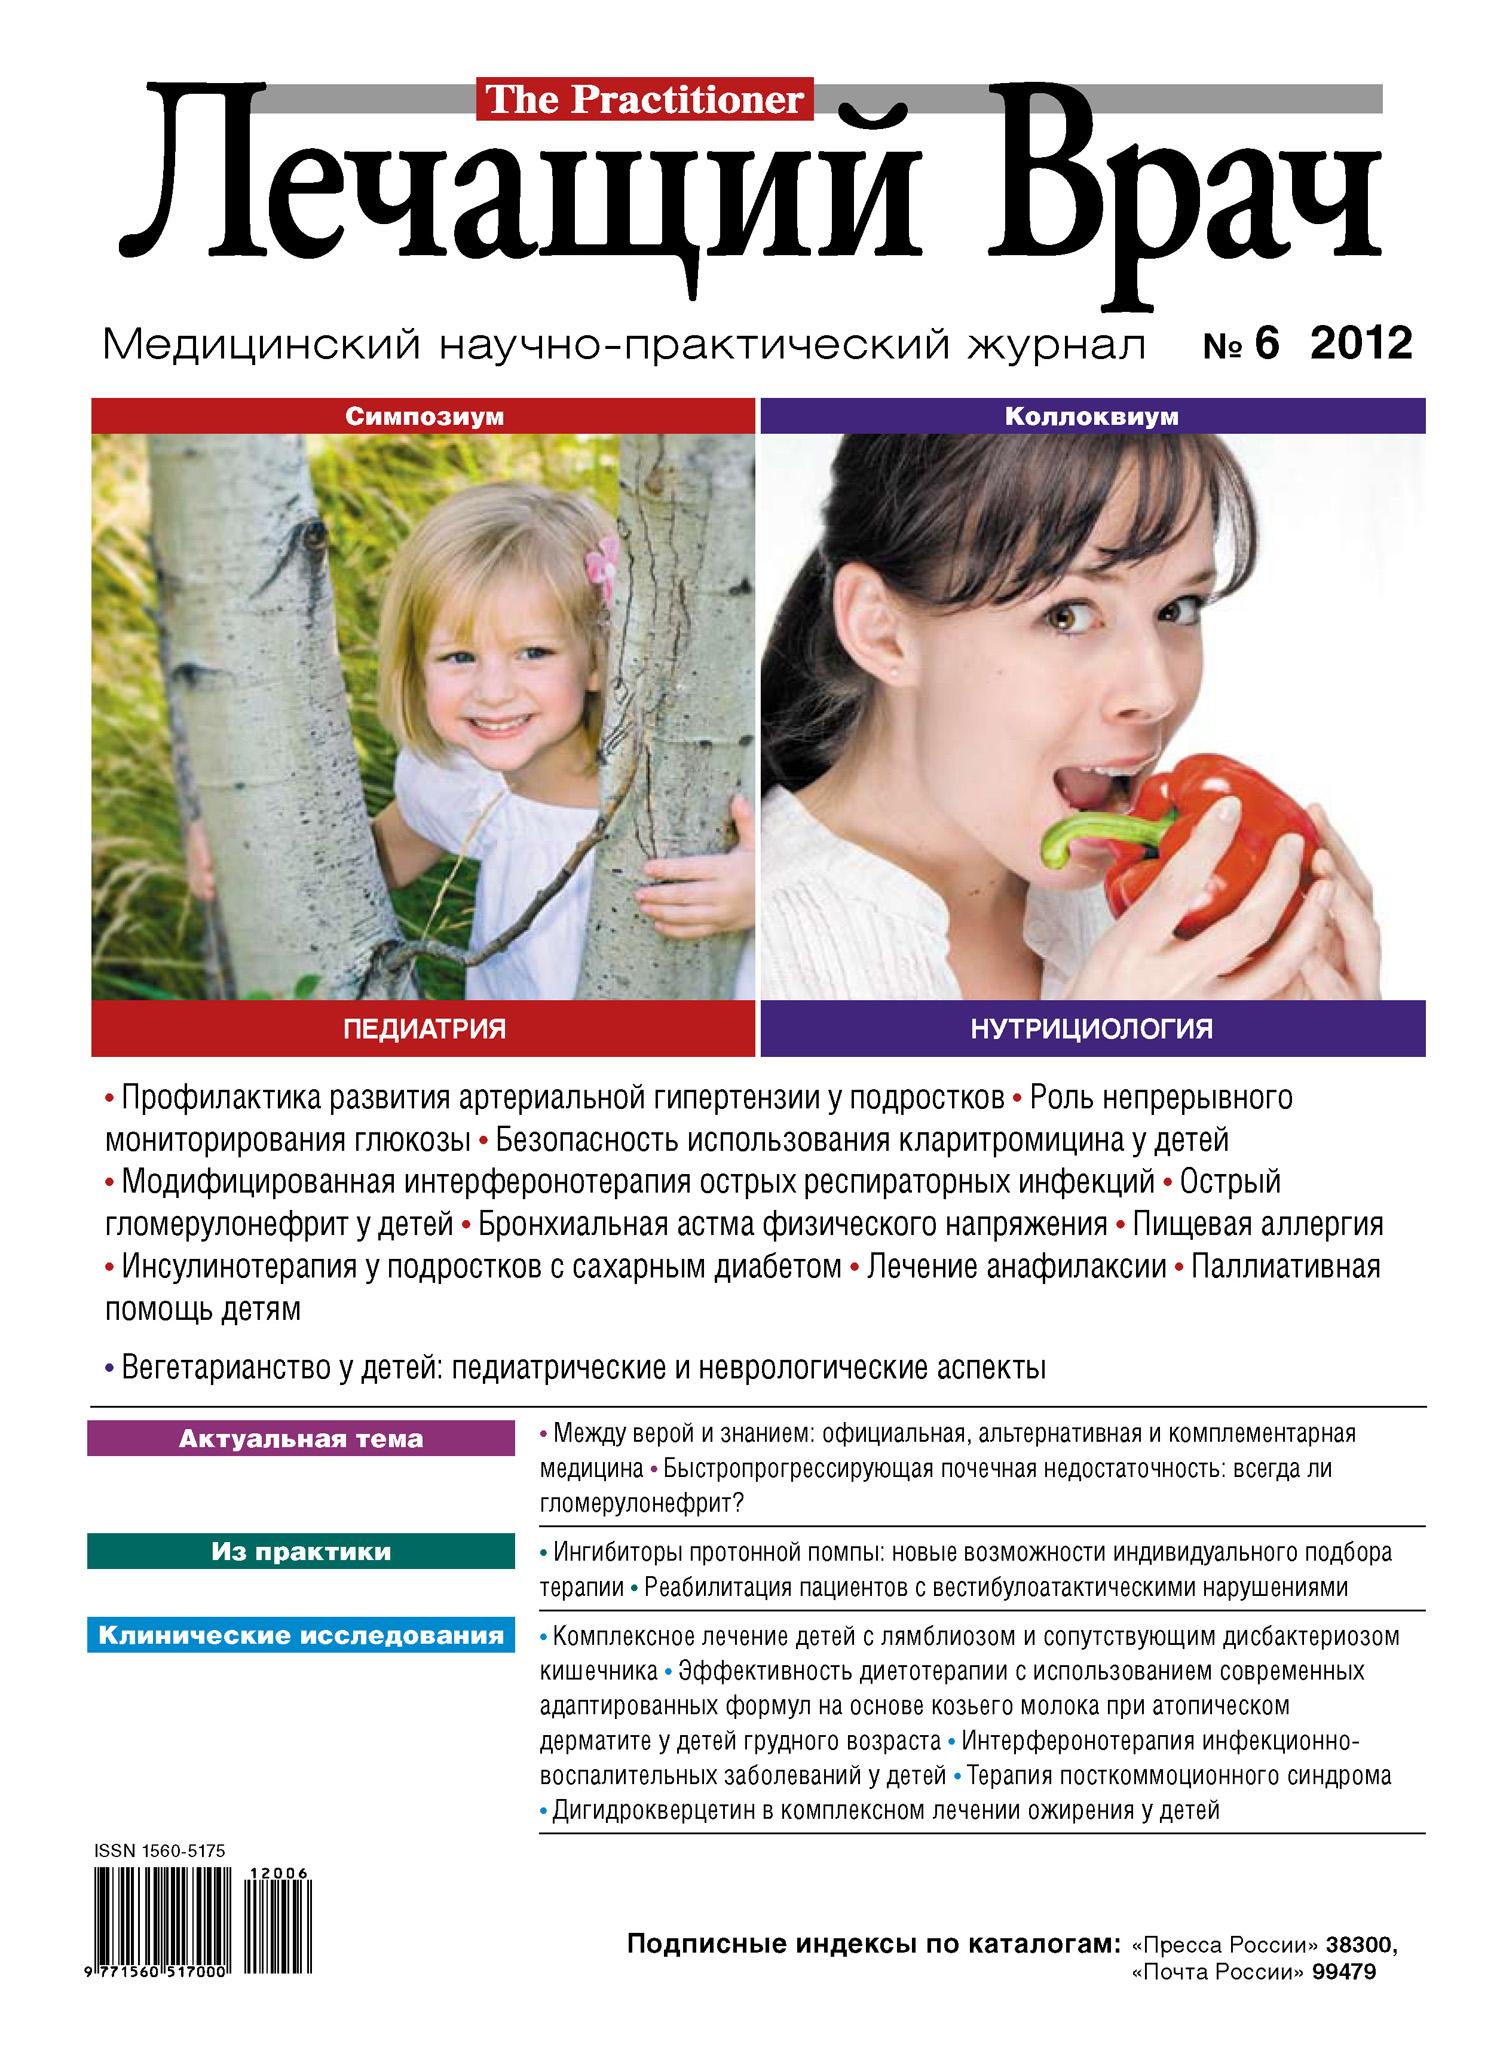 Открытые системы Журнал «Лечащий Врач» №06/2012